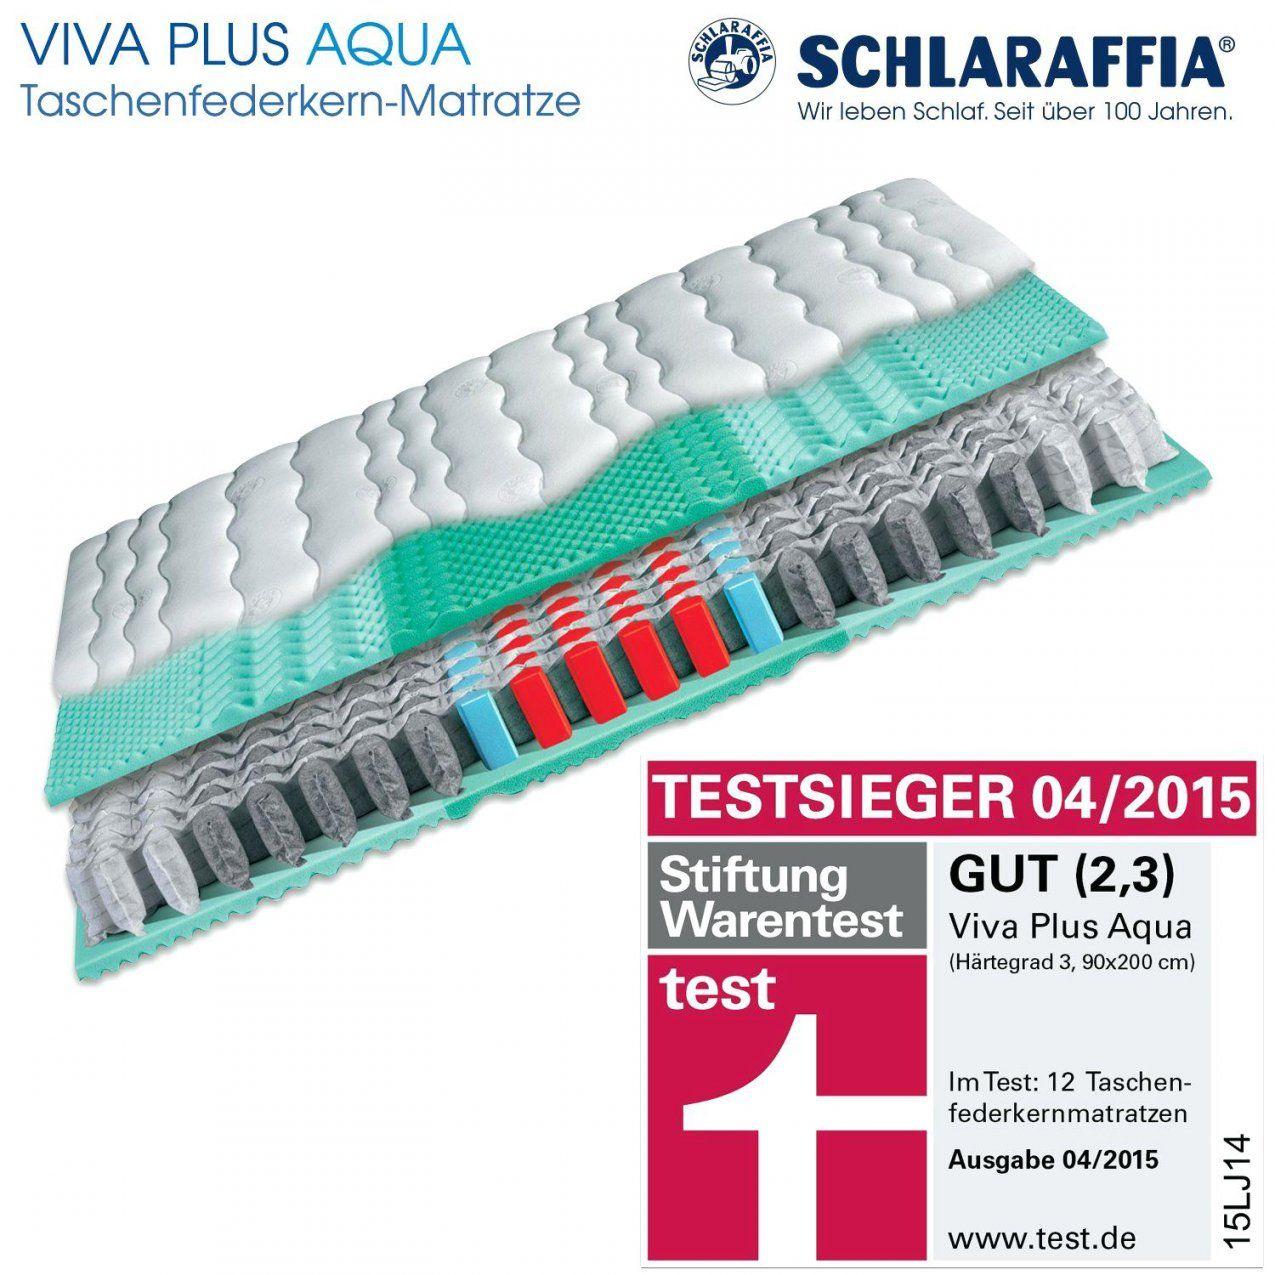 Matratzen 90×200 Schlaraffia Viva Plus Aqua Taschenfederkern von Schlaraffia Ultra Fresh Bewertung Bild